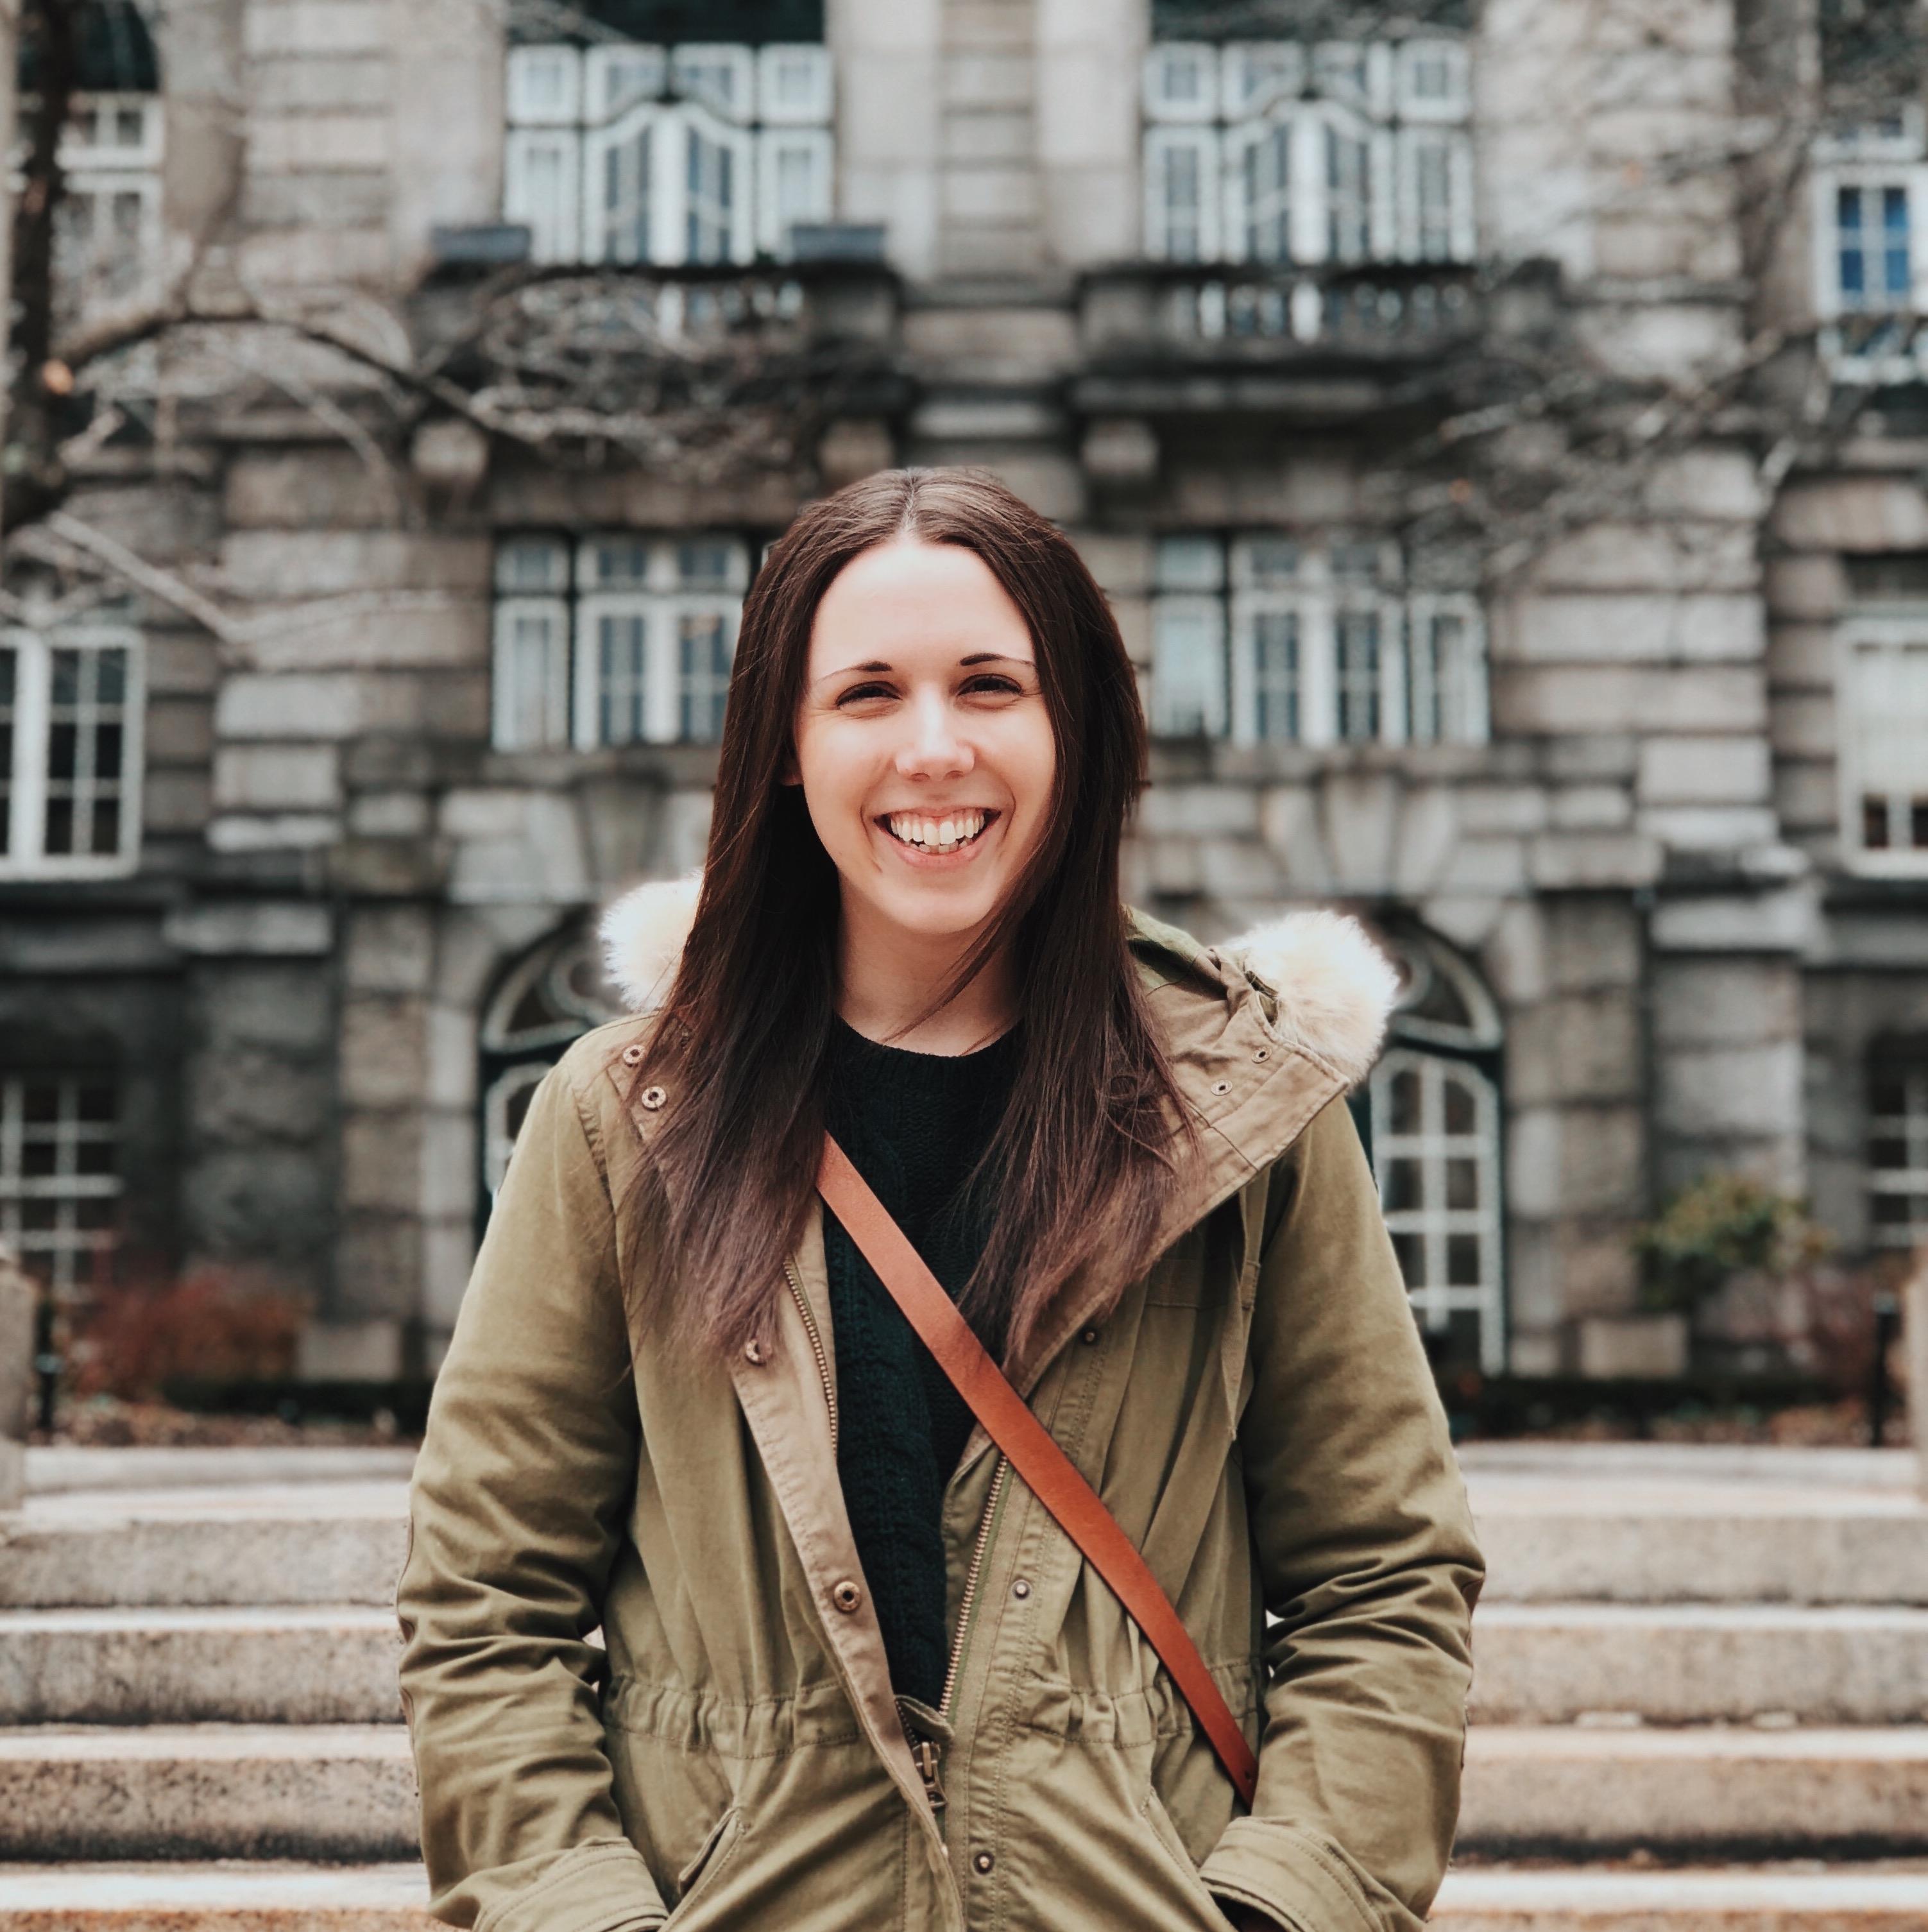 Megan Conley